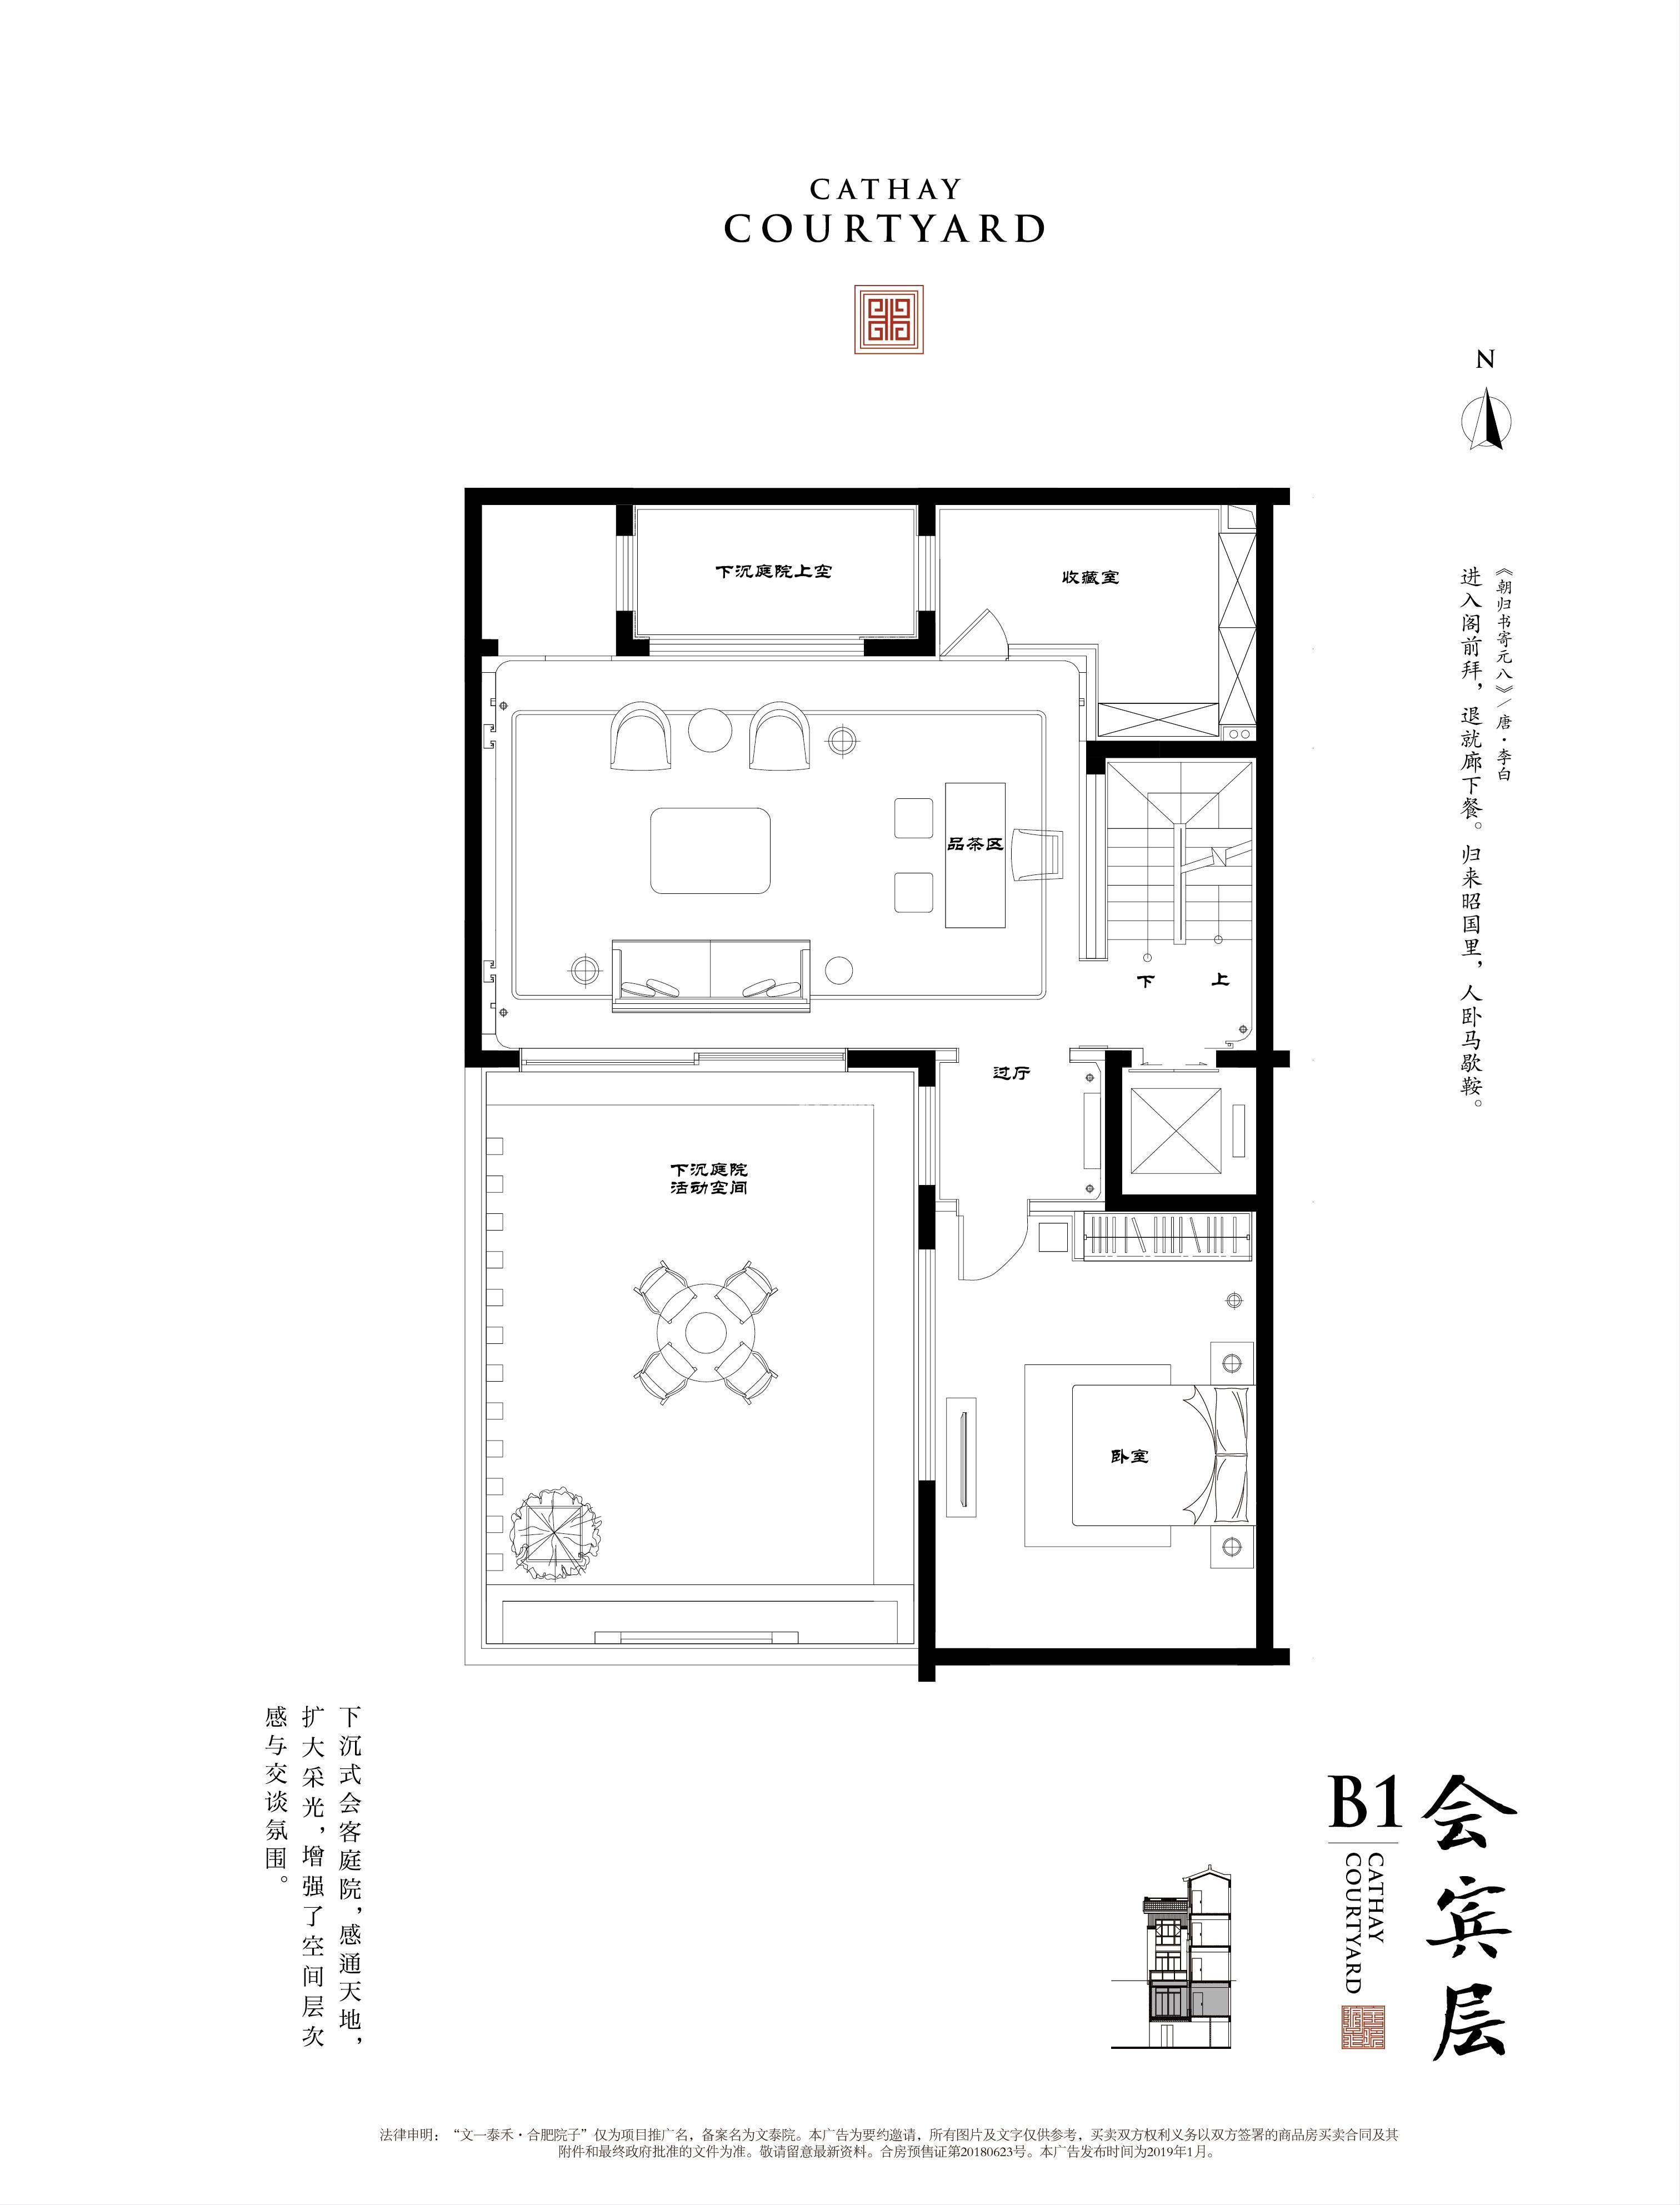 文一泰禾合肥院子别墅329-425㎡满庭芳B1会宾层户型图